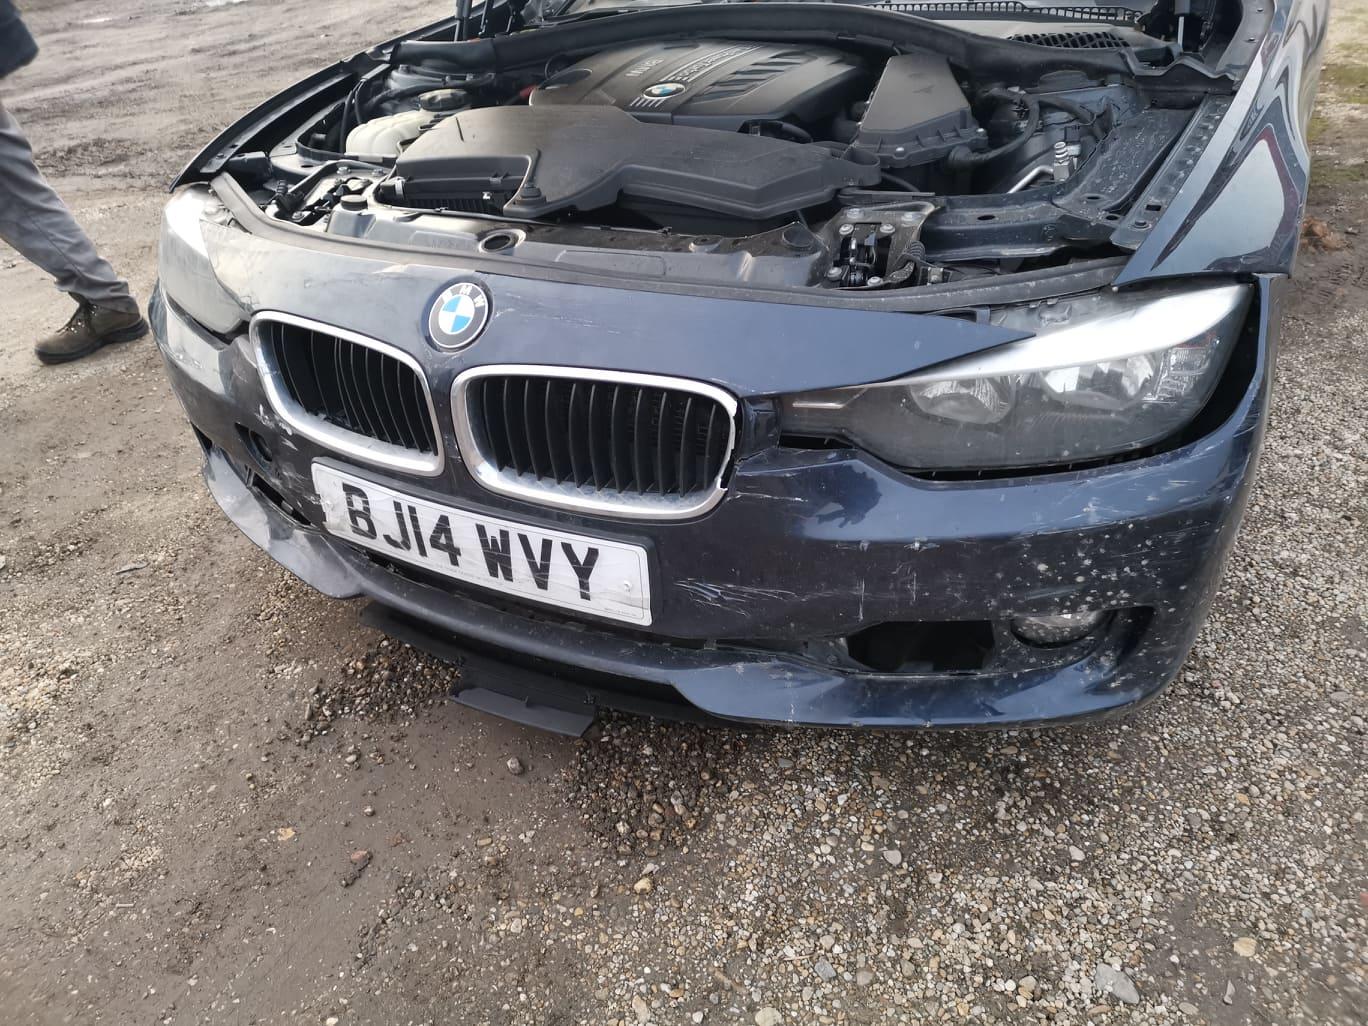 BMW alkatrészek - BMW F30 320D - Autó, motorház, lámpák - Carbon Car Center Kft. Békéscsaba 011